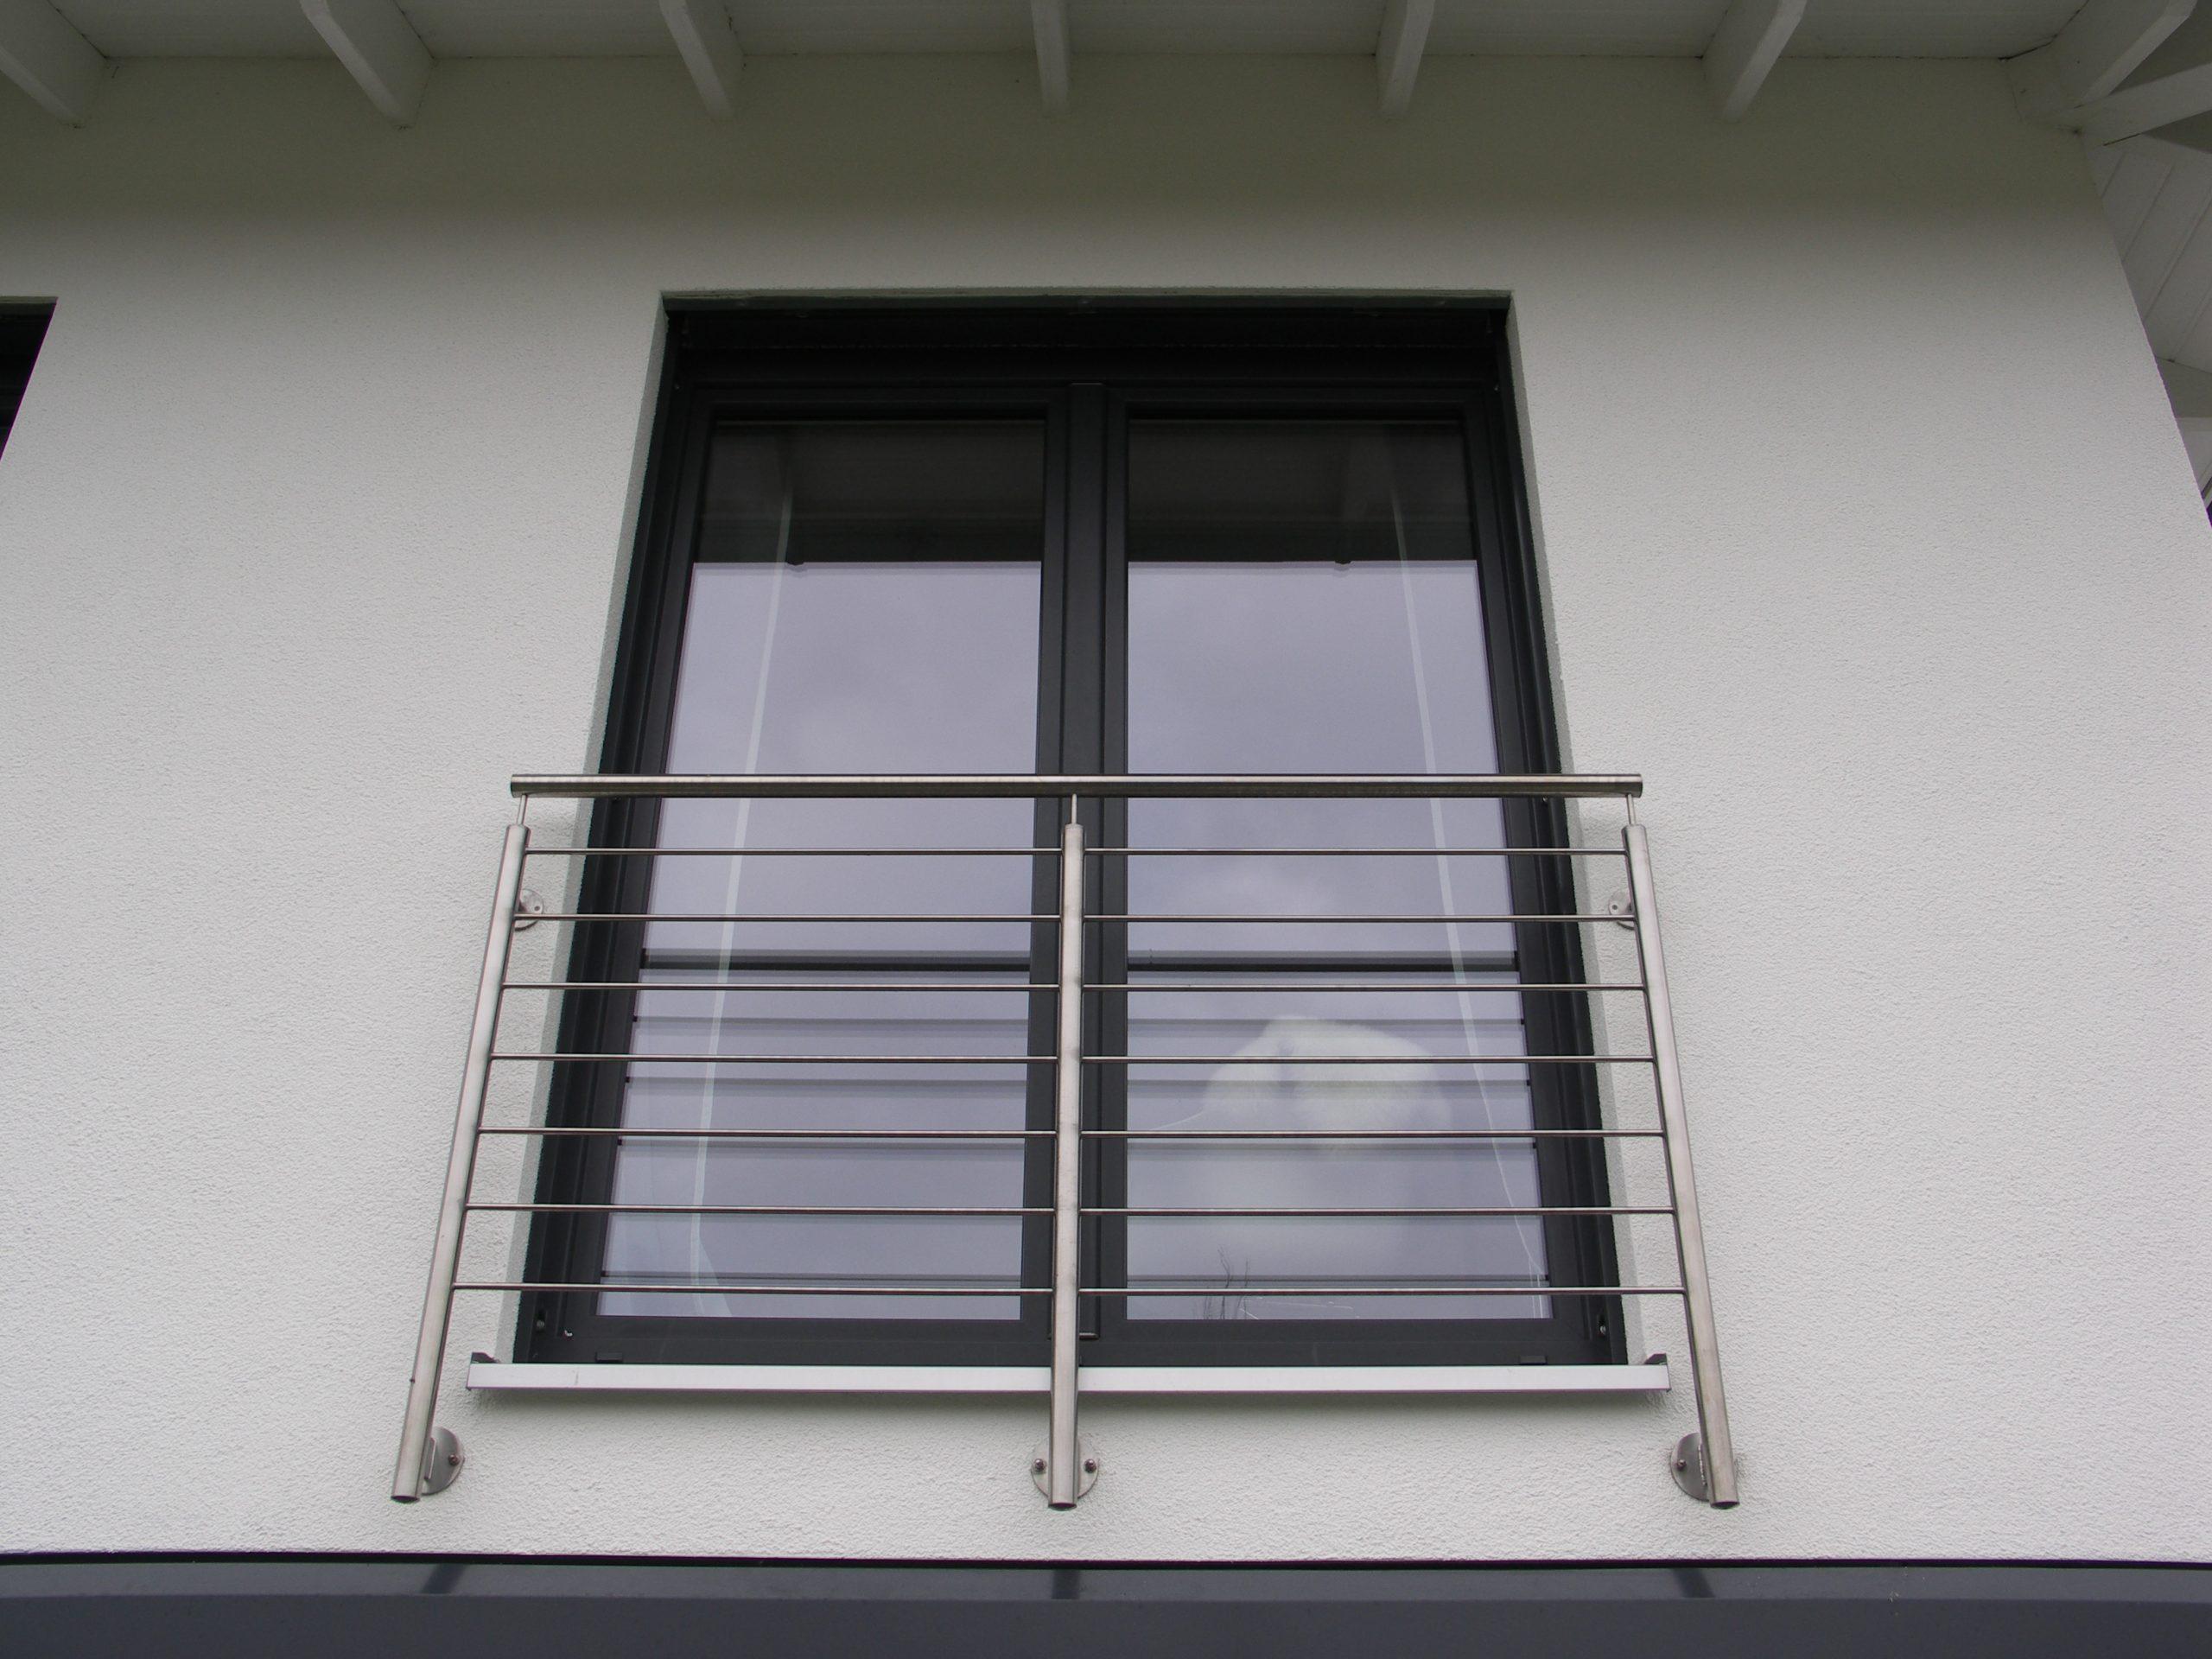 Full Size of Absturzsicherung Fenster Unsere Projekte Sonnenschutzfolie Innen Sicherheitsbeschläge Nachrüsten Sichern Gegen Einbruch Schallschutz Polnische Rolladen Fenster Absturzsicherung Fenster